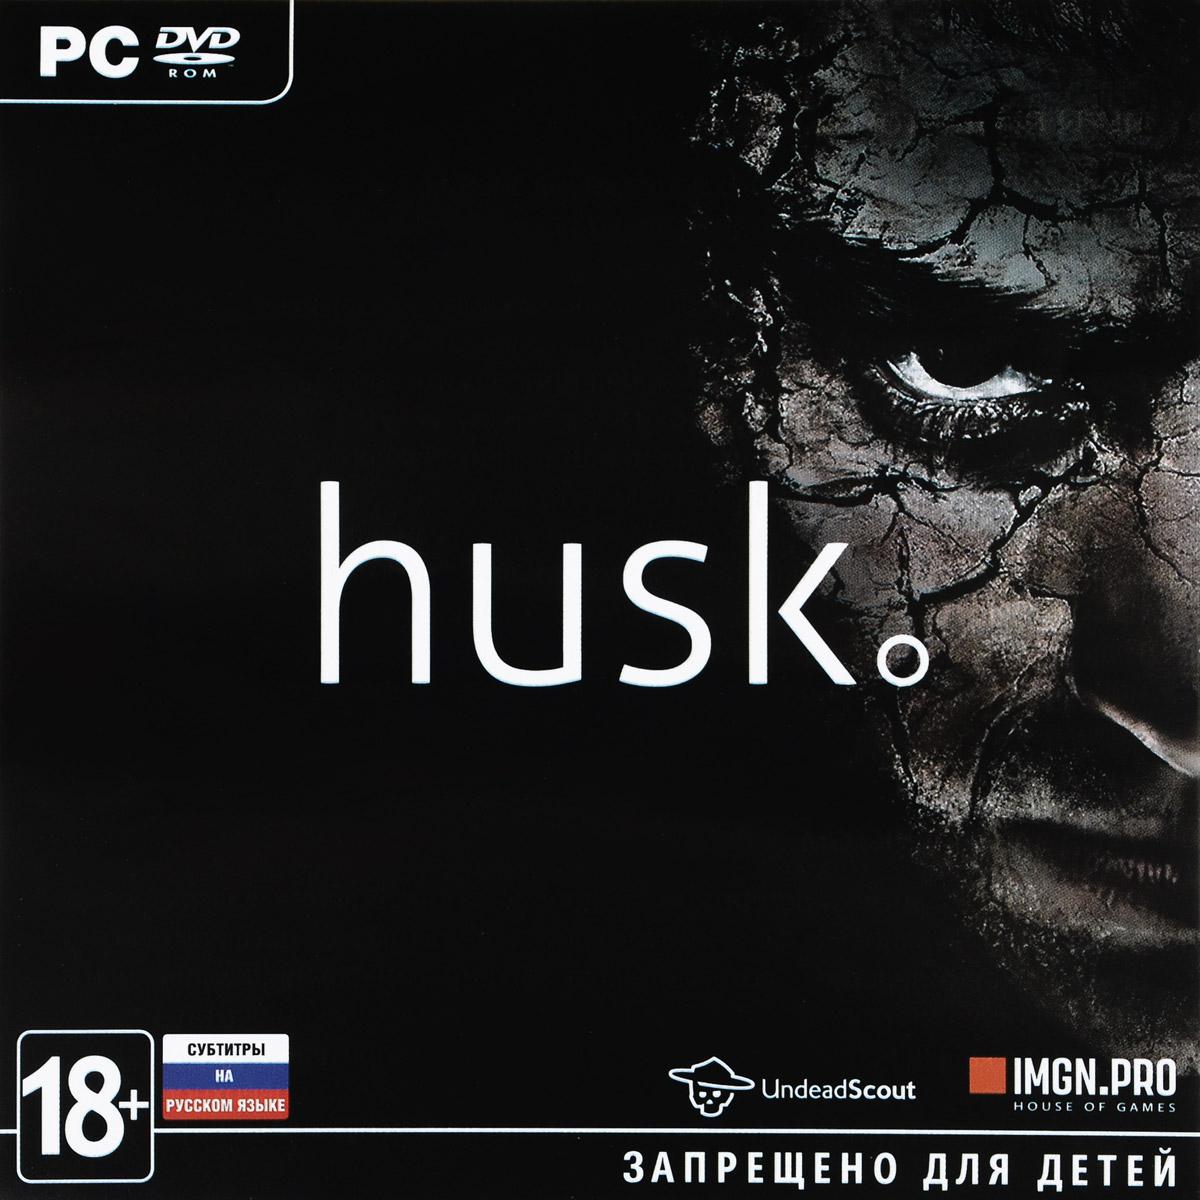 Husk, UndeadScout